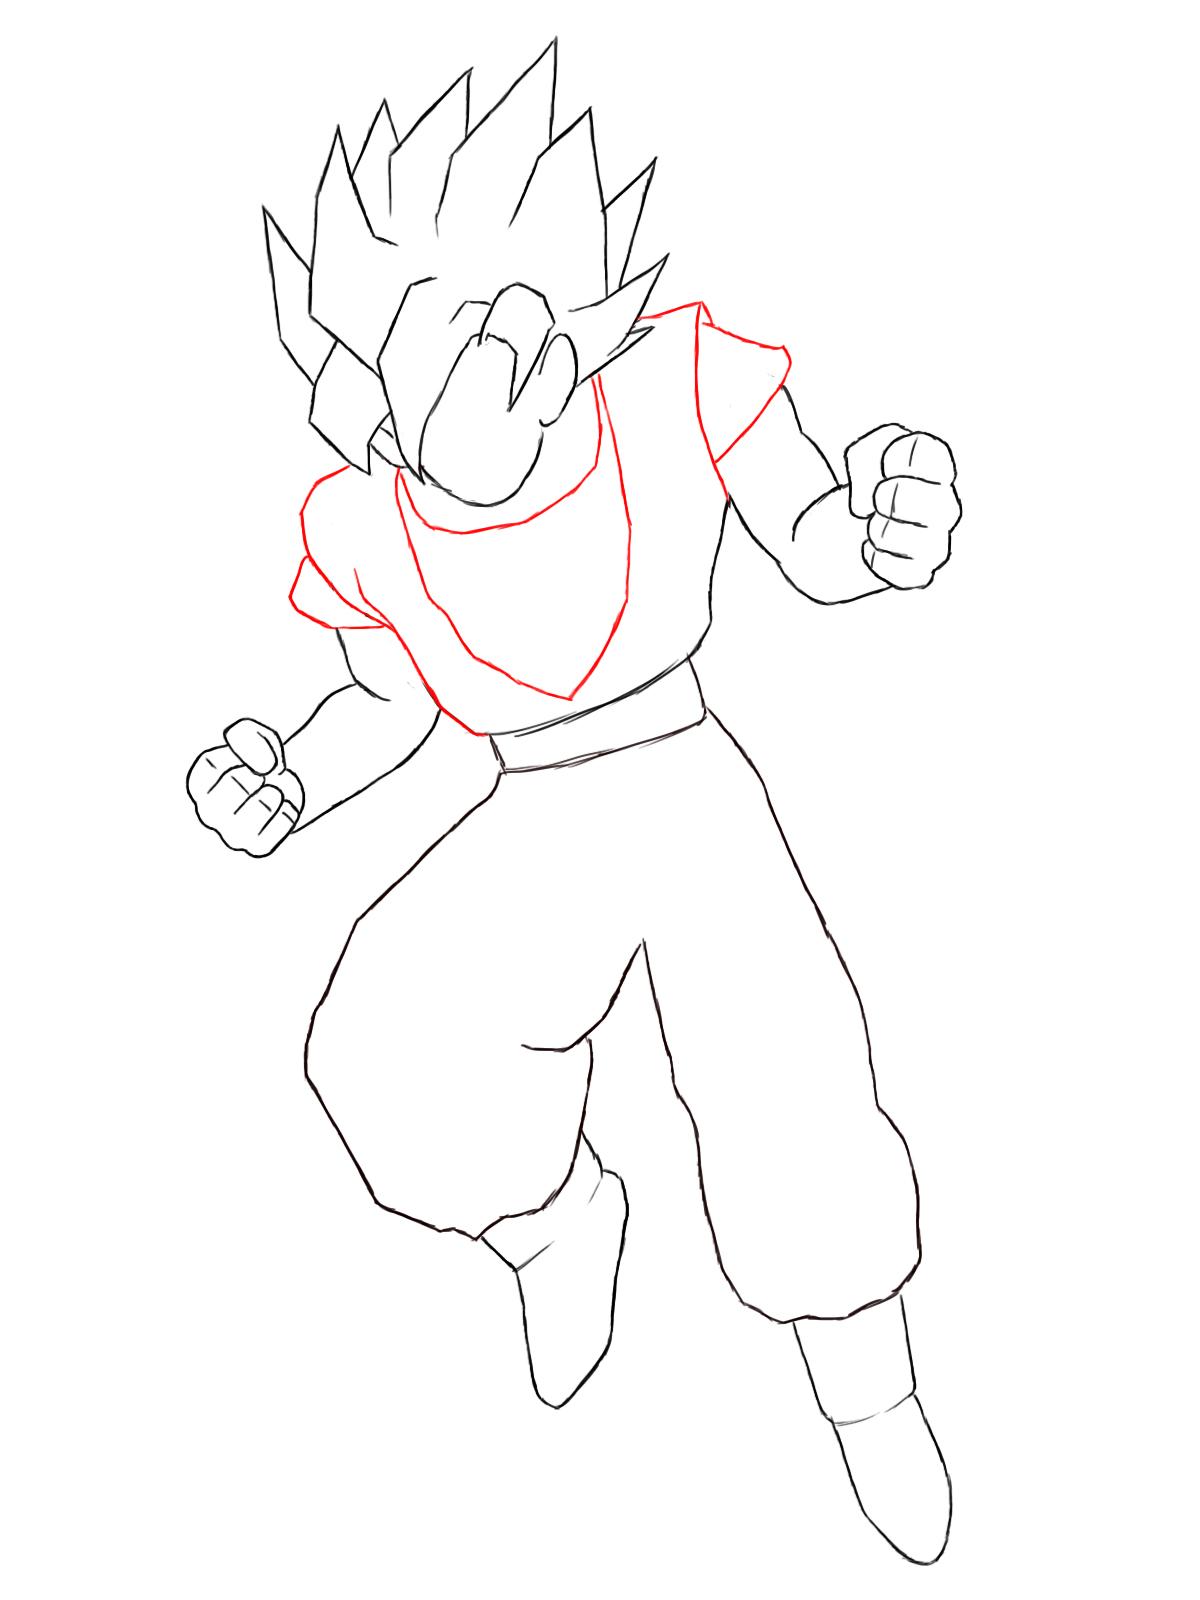 How To Draw Goku Eyes Jpg 1200x1600 Extreme Dbz Drawings